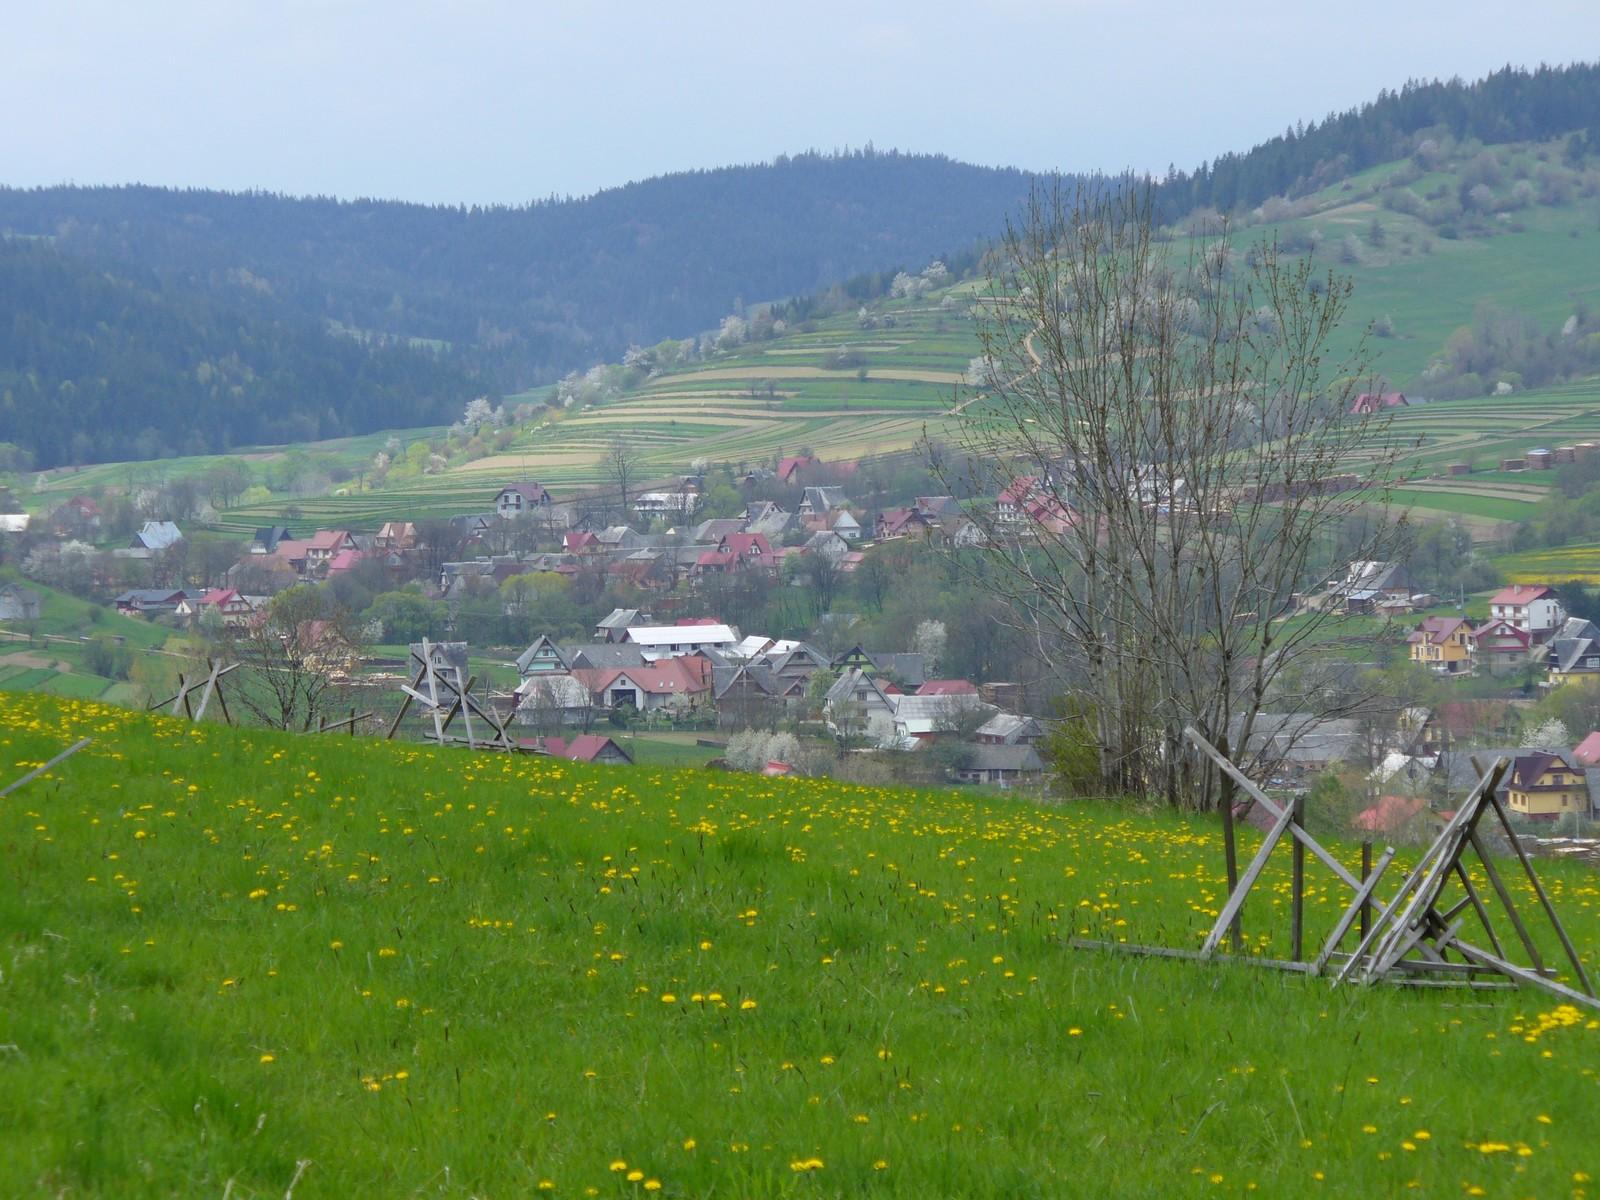 Zielona łąka i domki